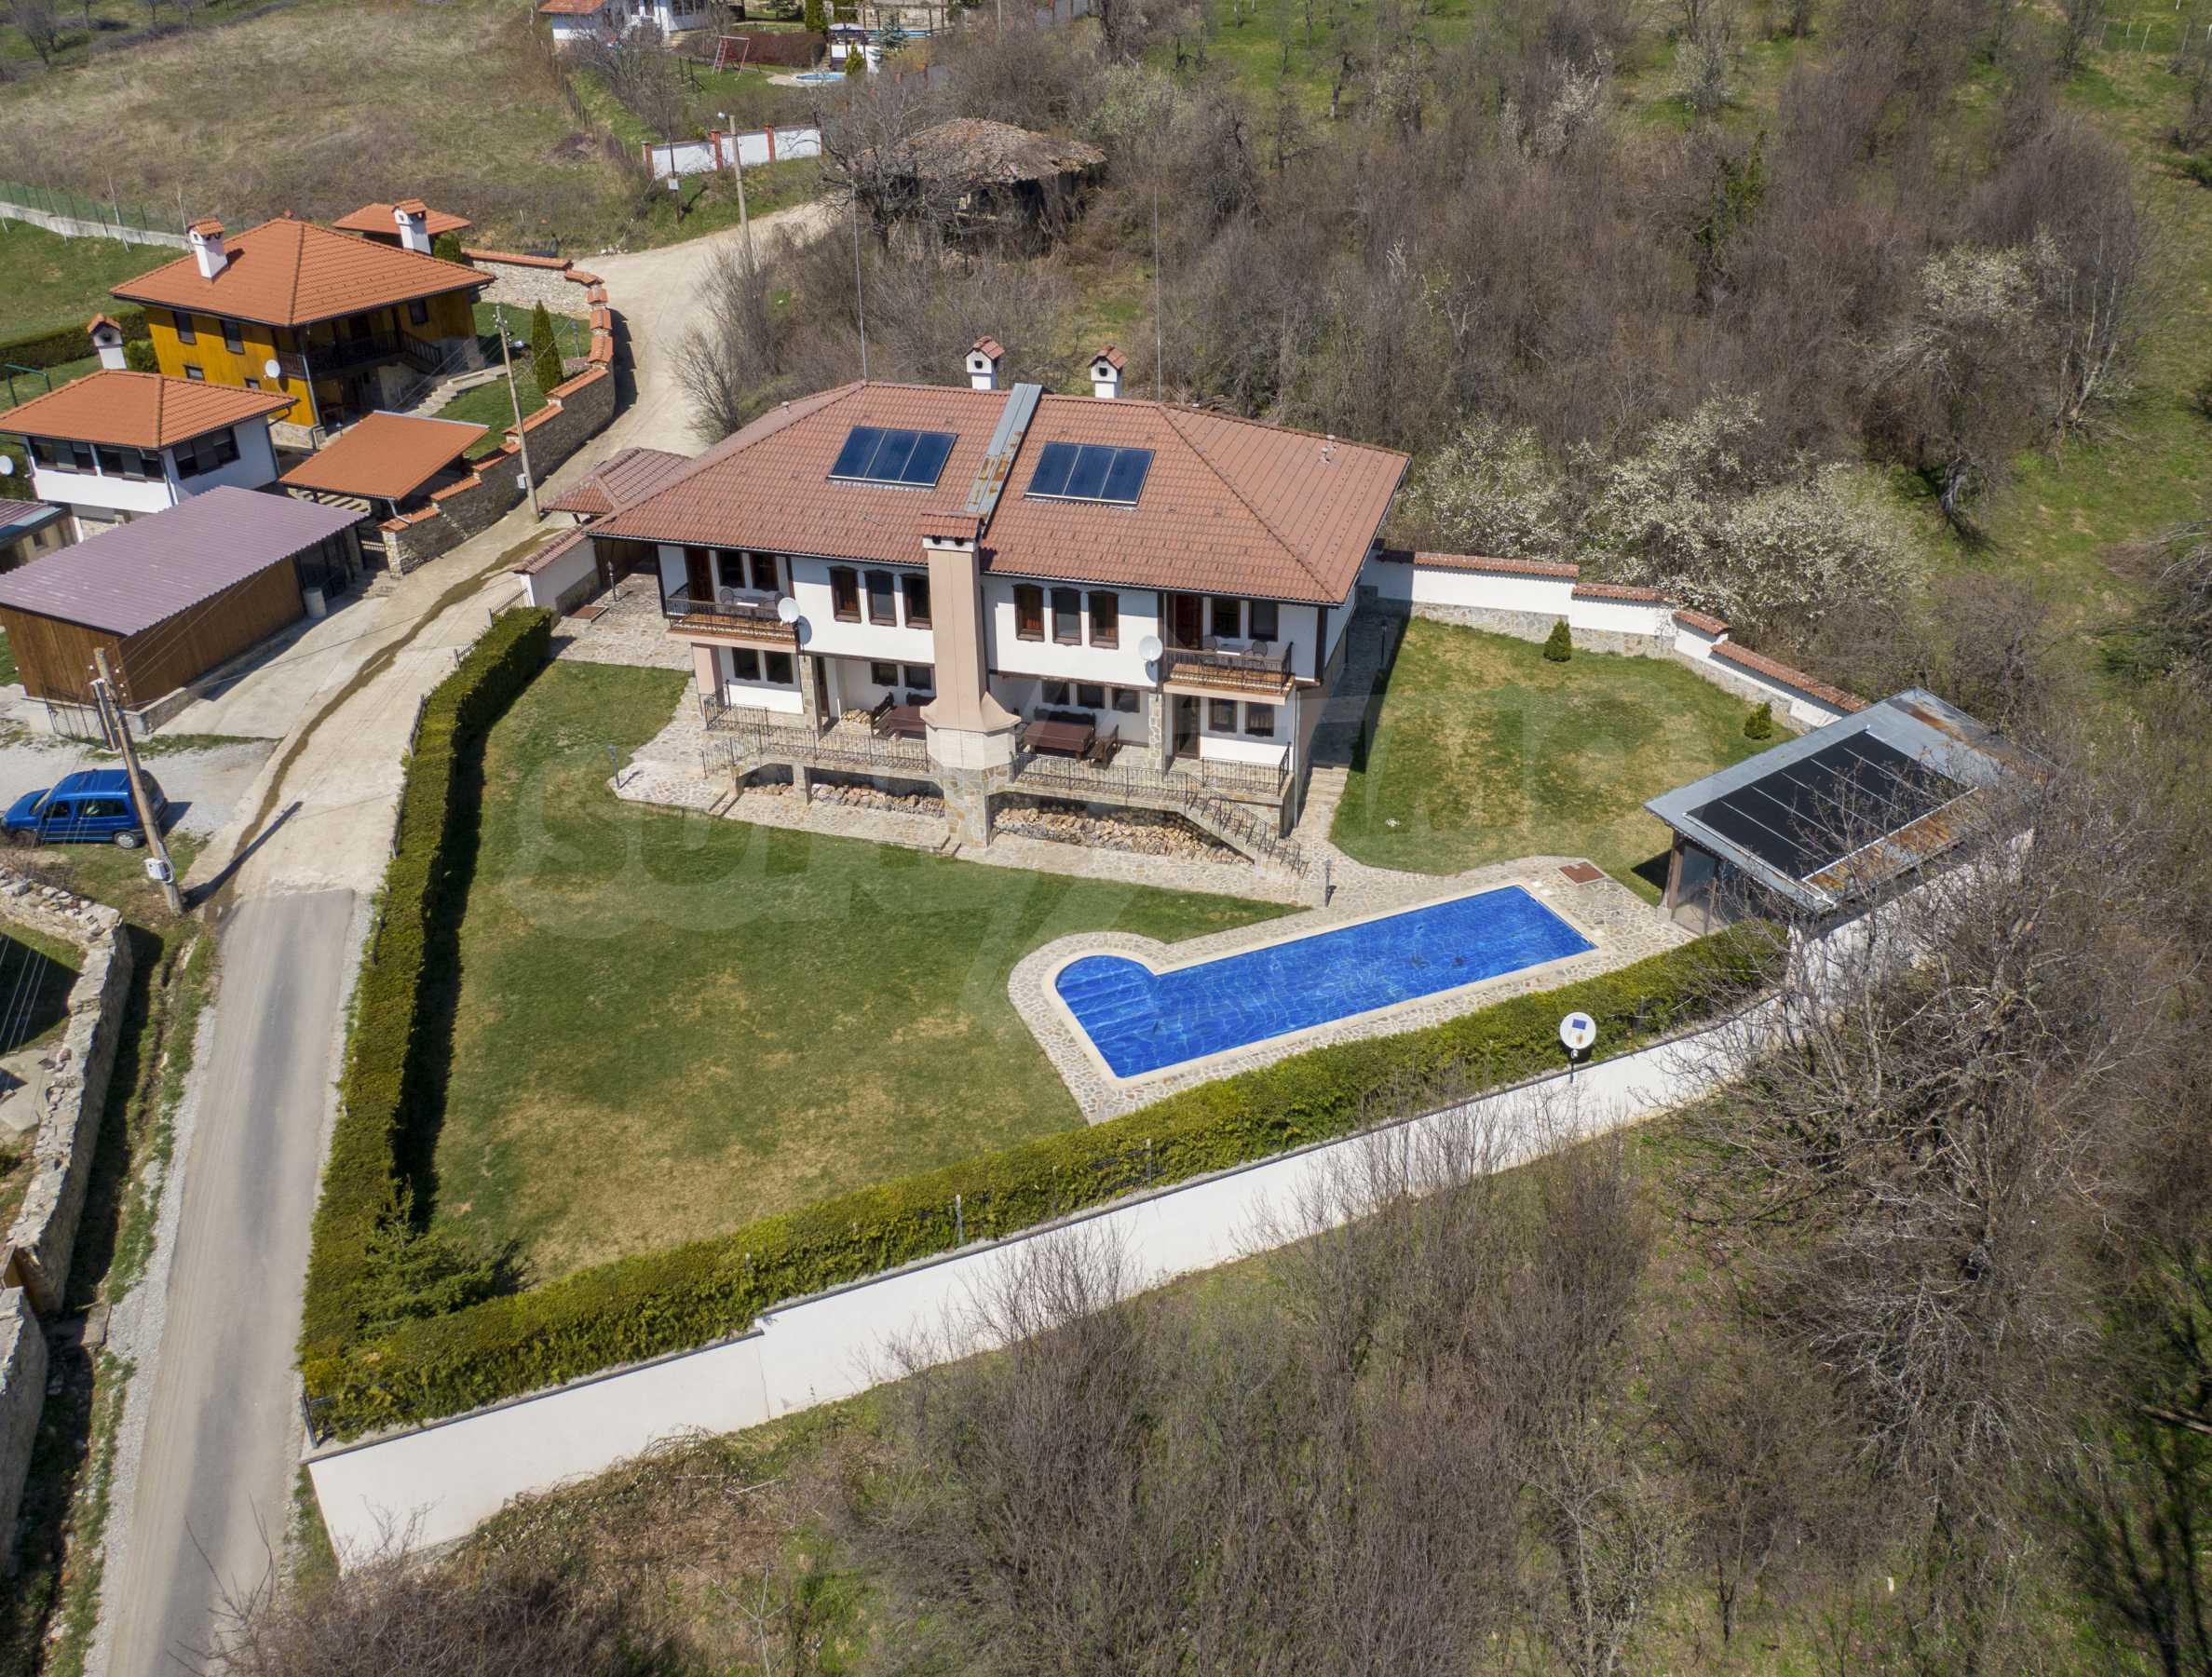 Zwei Doppelhäuser mit Swimmingpool in einem gemeinsamen Hof, nur 5 km vom Yovkovtsi-Damm entfernt 8